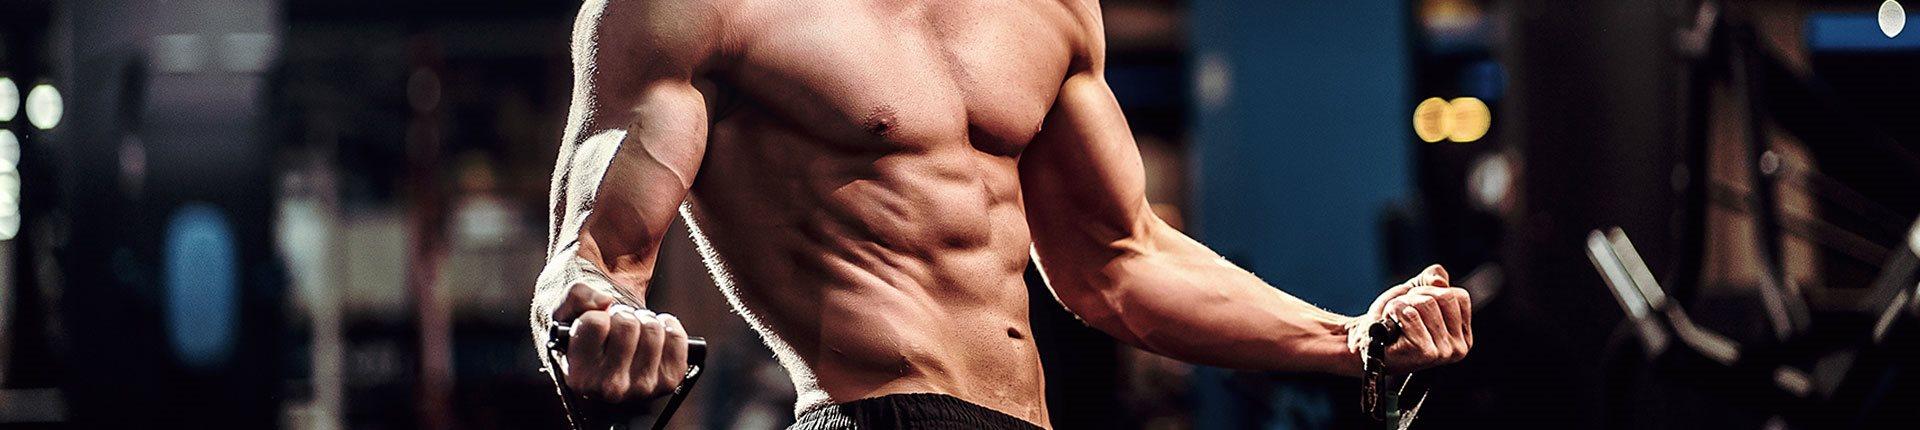 Redukcja wagi, odchudzanie - jak często trenować?